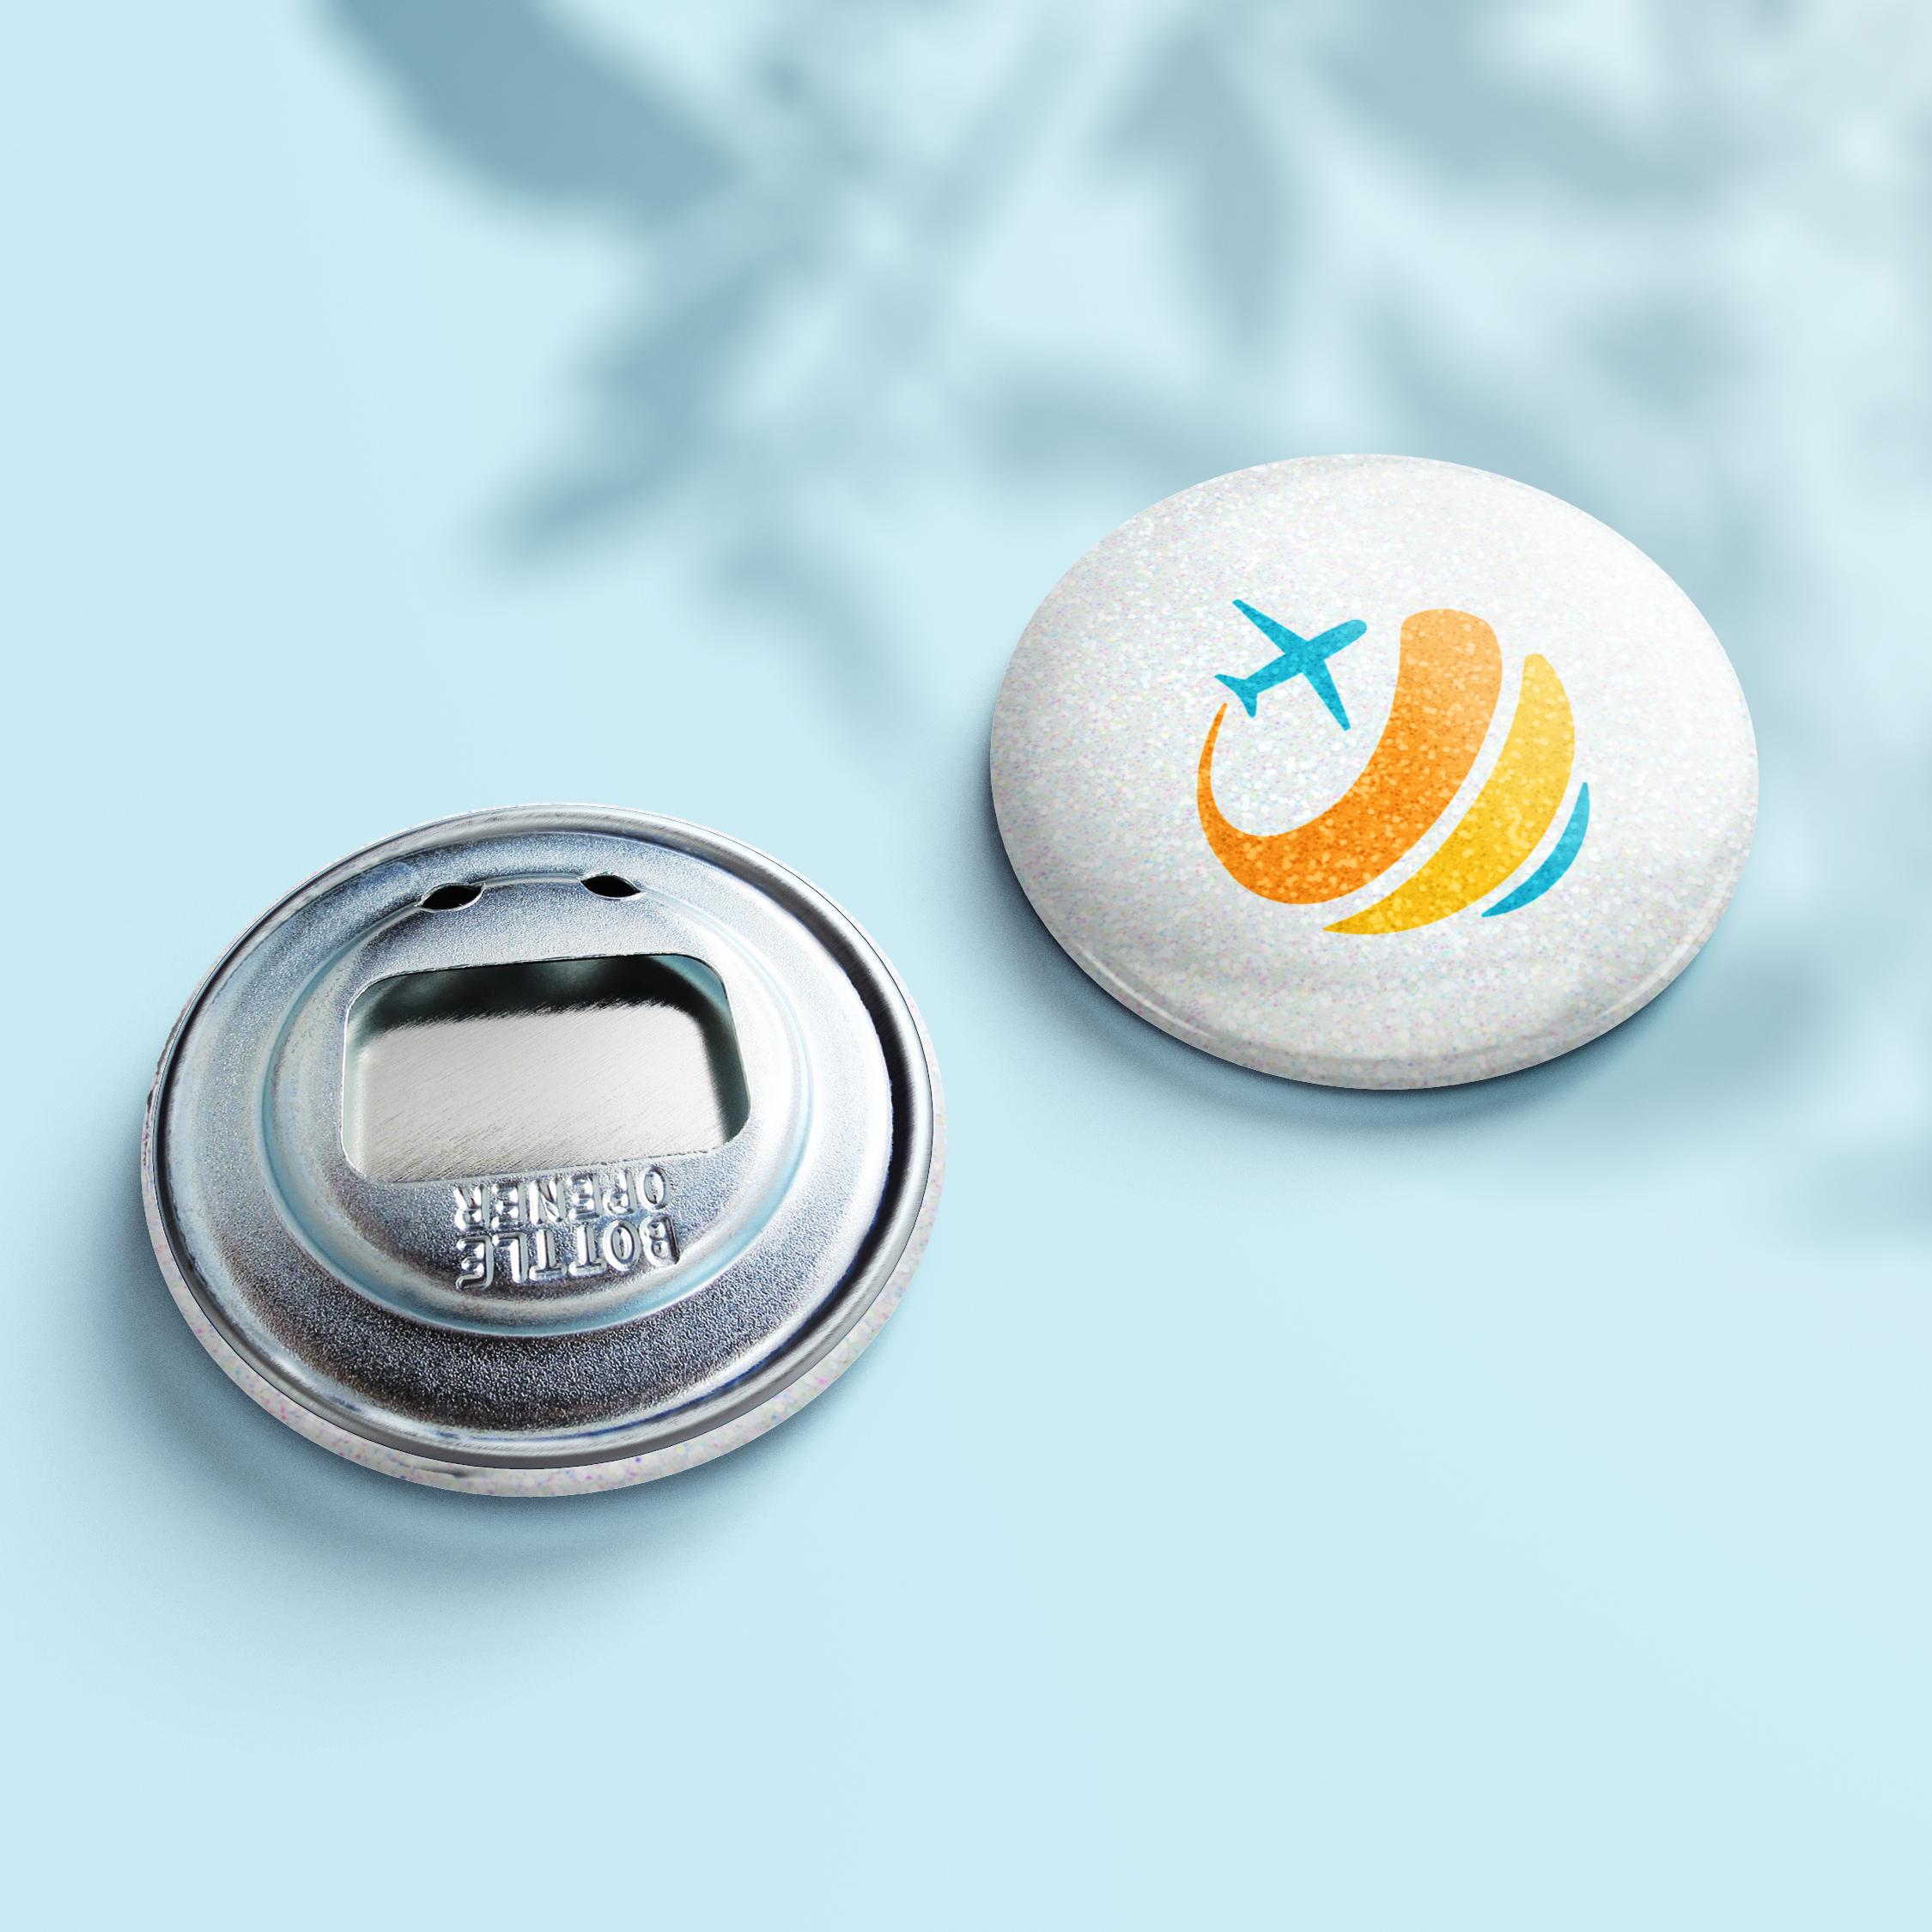 Flaschenöffner Glitzer Button - Design White